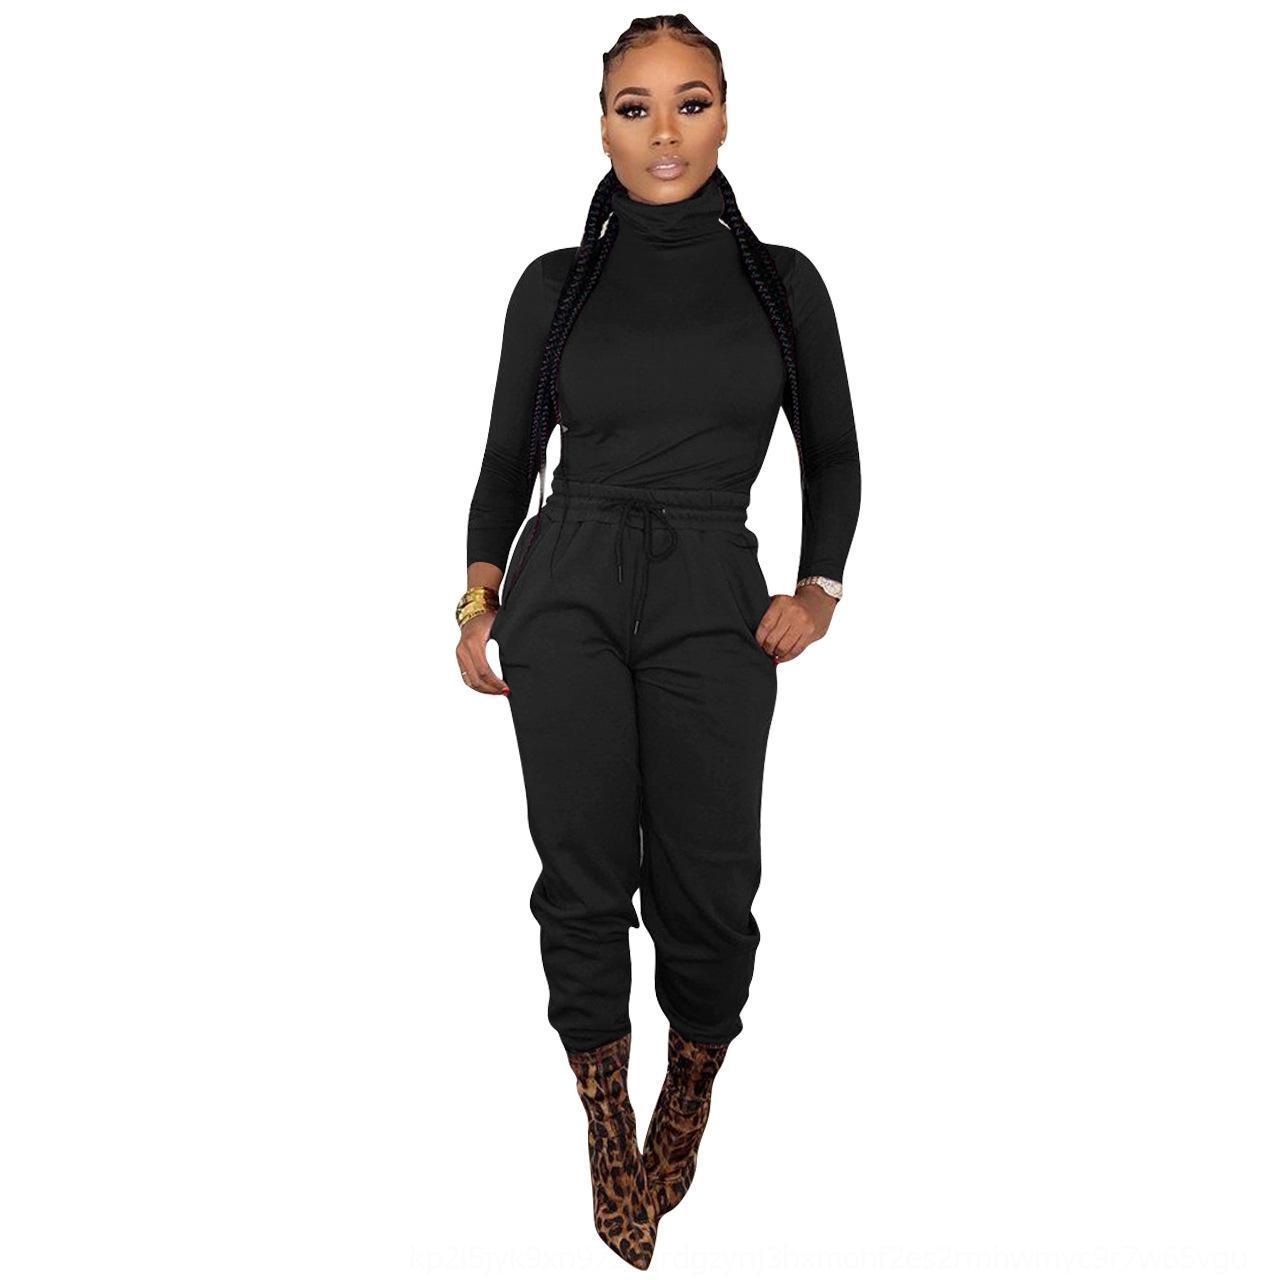 DQFX Kadın Giyim Baskı Eşofman Ceket Pantolon Kıyafetler Panelli Mont 2 Parça Setleri Hırka Mont + Tayt Güz Casual Kış S-2XL Capris